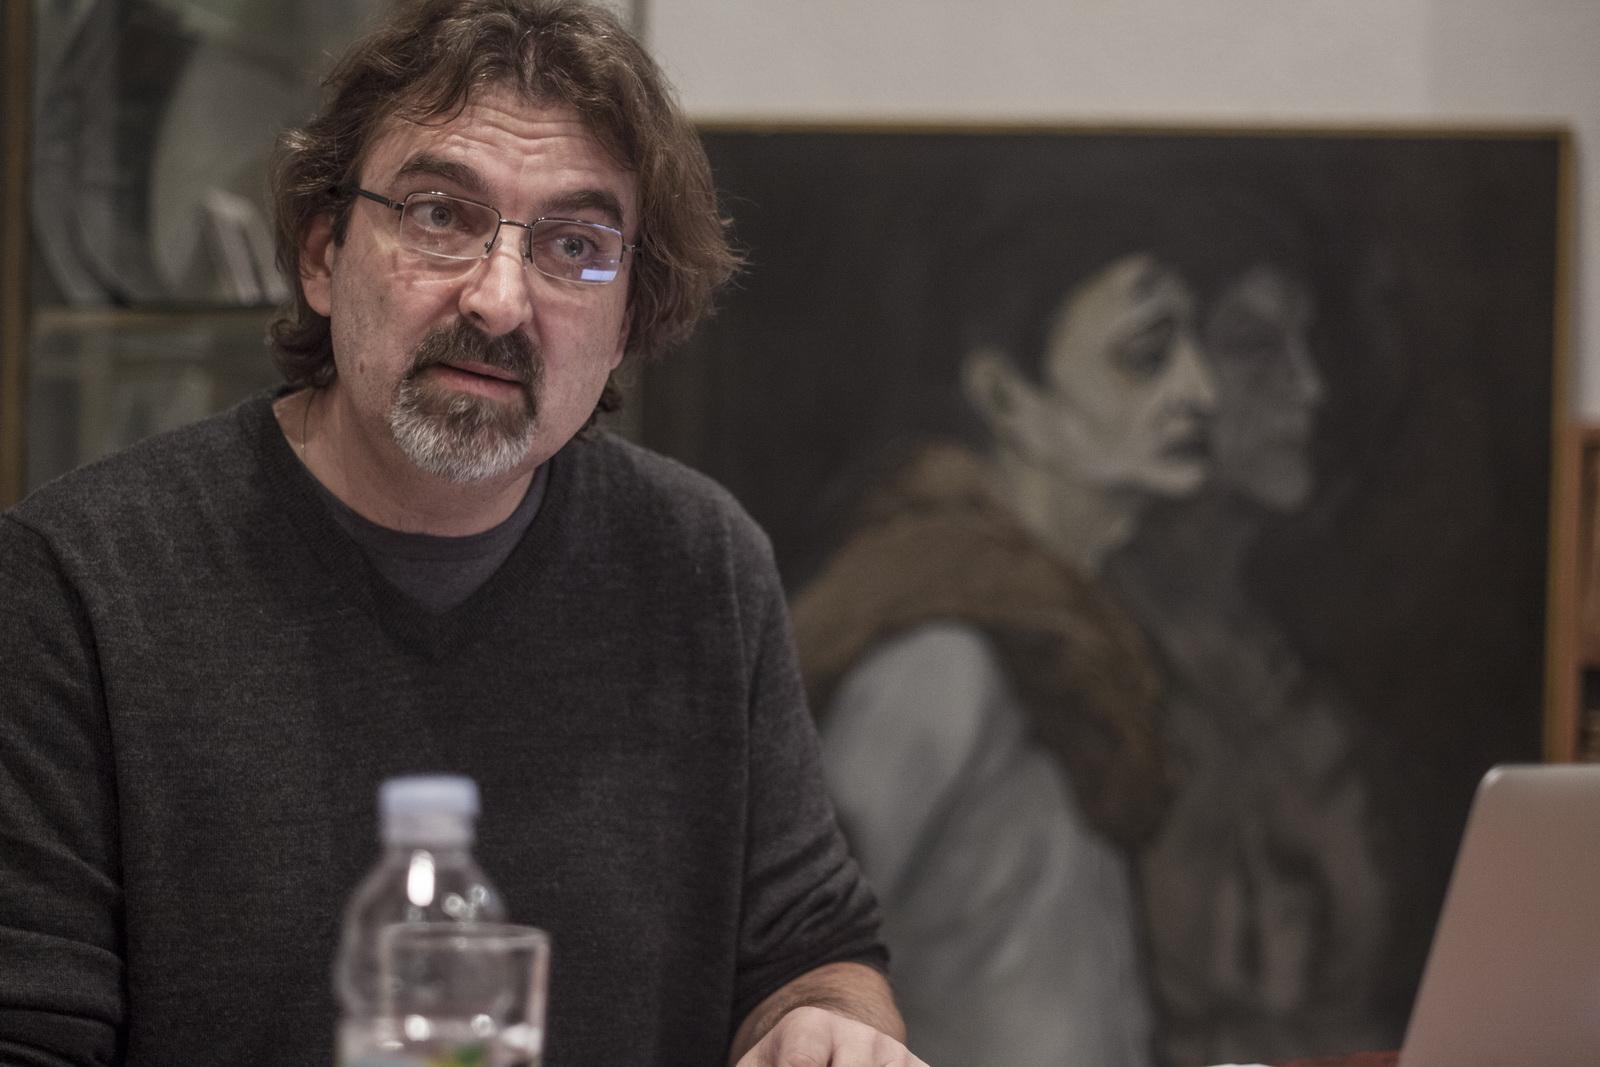 Branislav Jakovljevic Predavanje Diletantske inscenacije i teatar zločina održano 25 novembra 2015 u CZKD Foto Srdjan Veljović .jpg